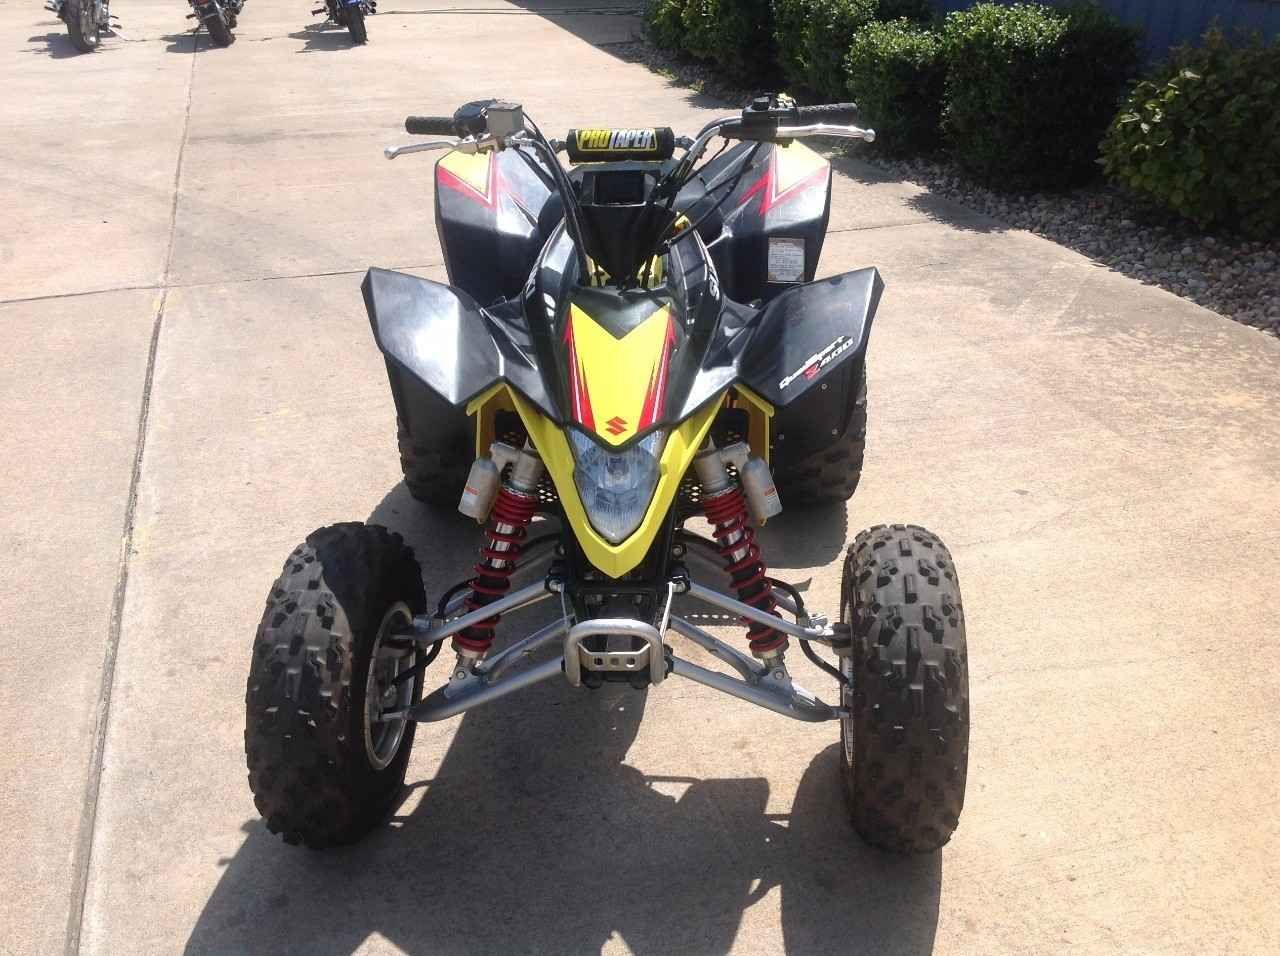 Used 2013 Suzuki LTZ400 QuadSport ATVs For Sale in